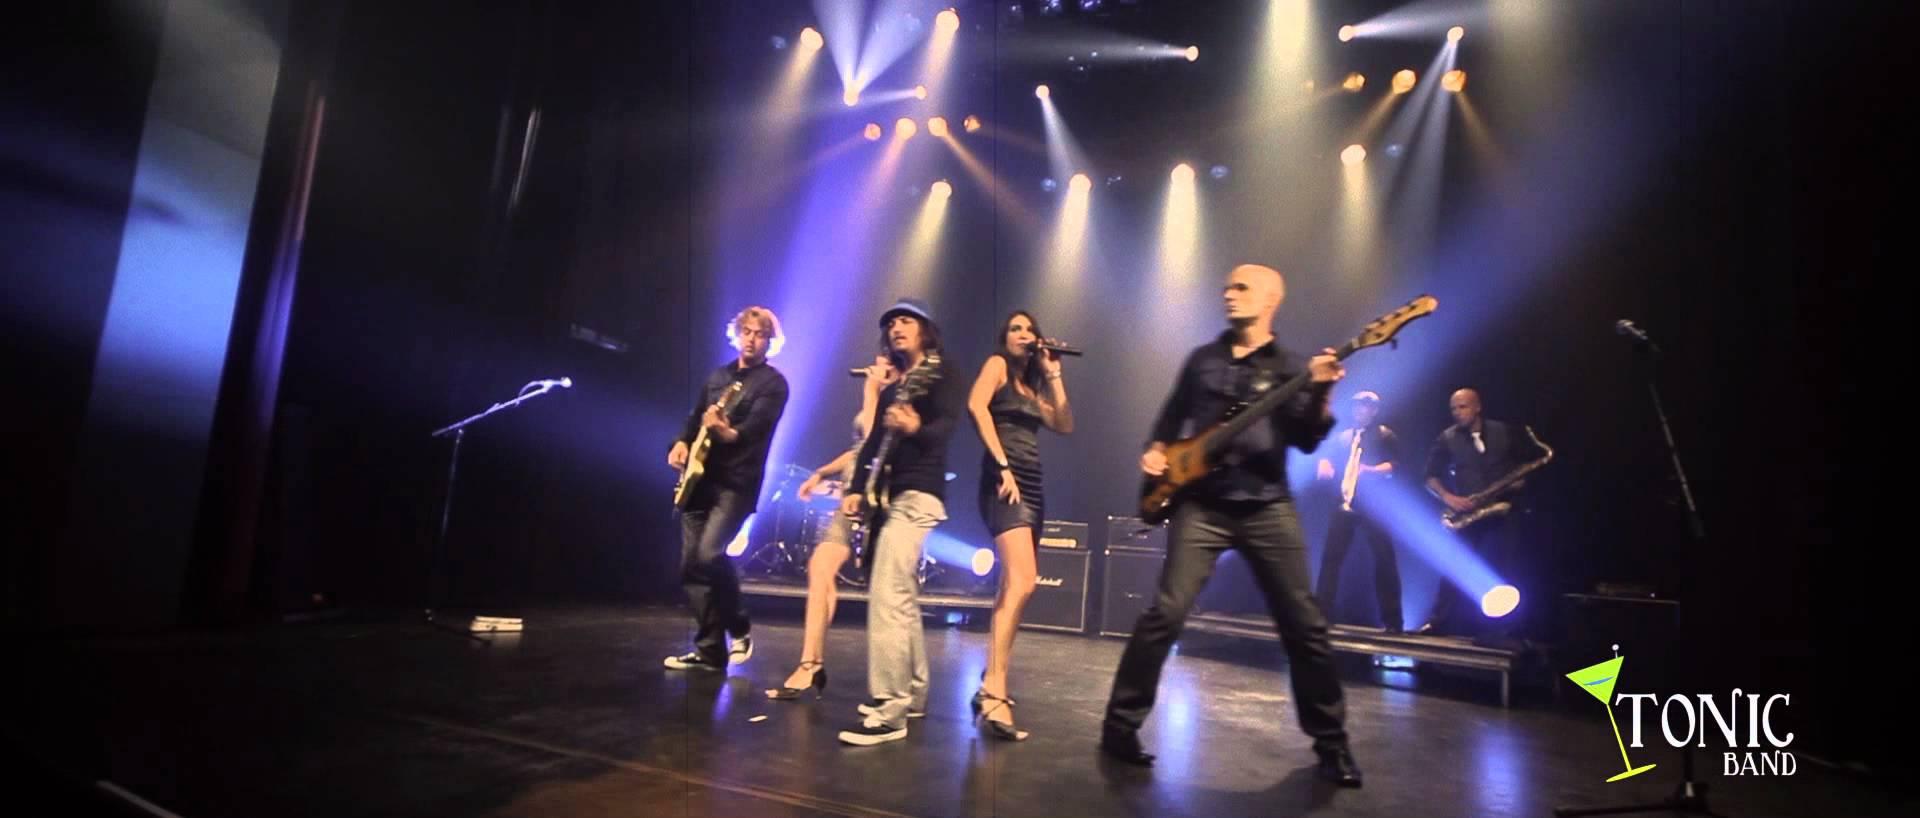 Tonic Band au Cosmos de Lévis © photo: courtoisie